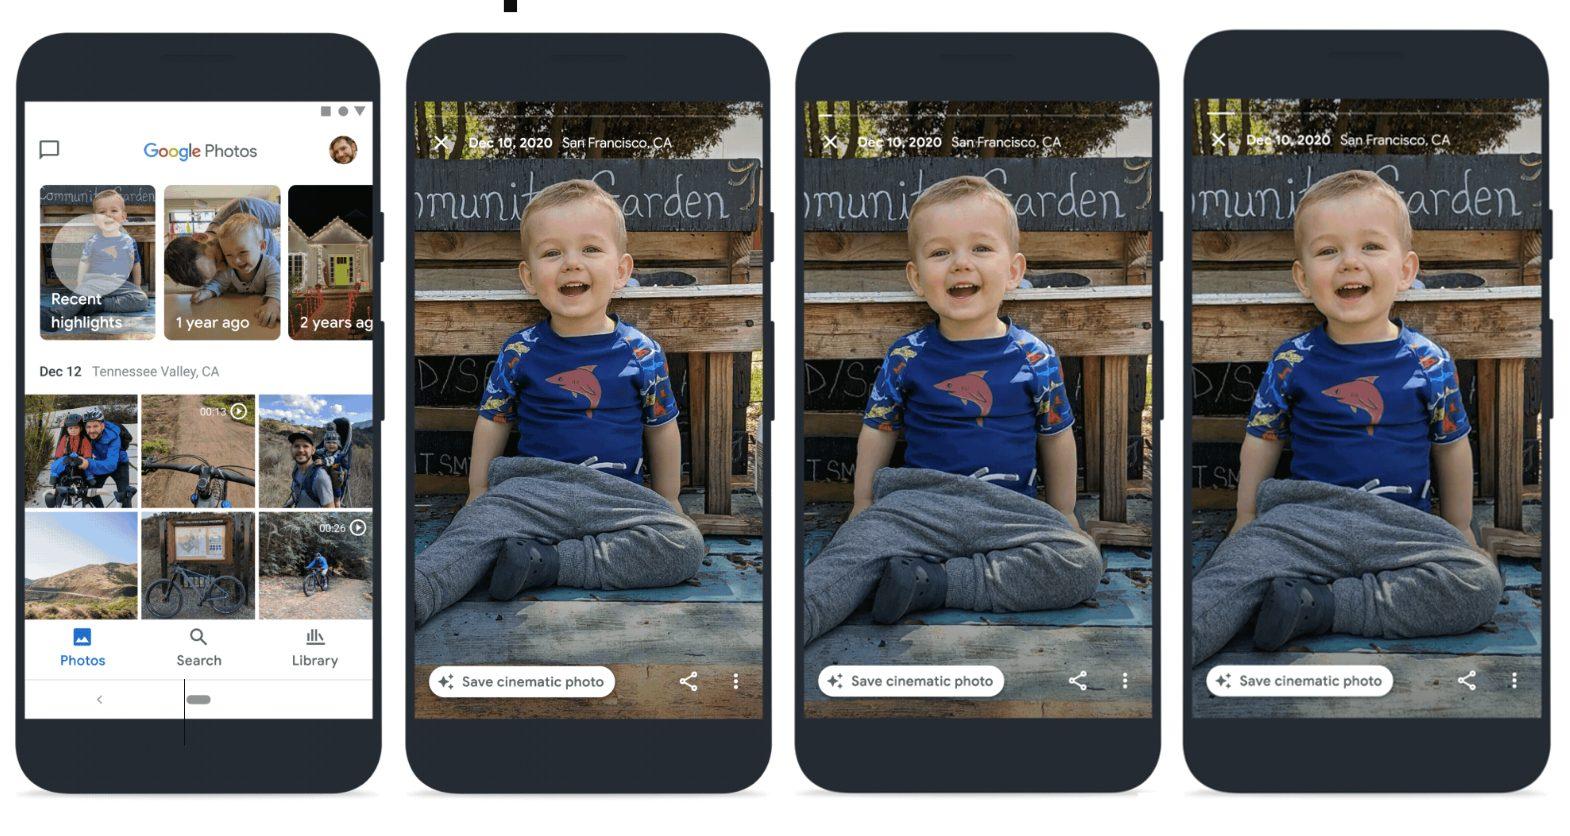 Google Фото пополнится функцией «Кинематографическое изображение» и возможностью оградить пользователя от неприятных воспоминаний